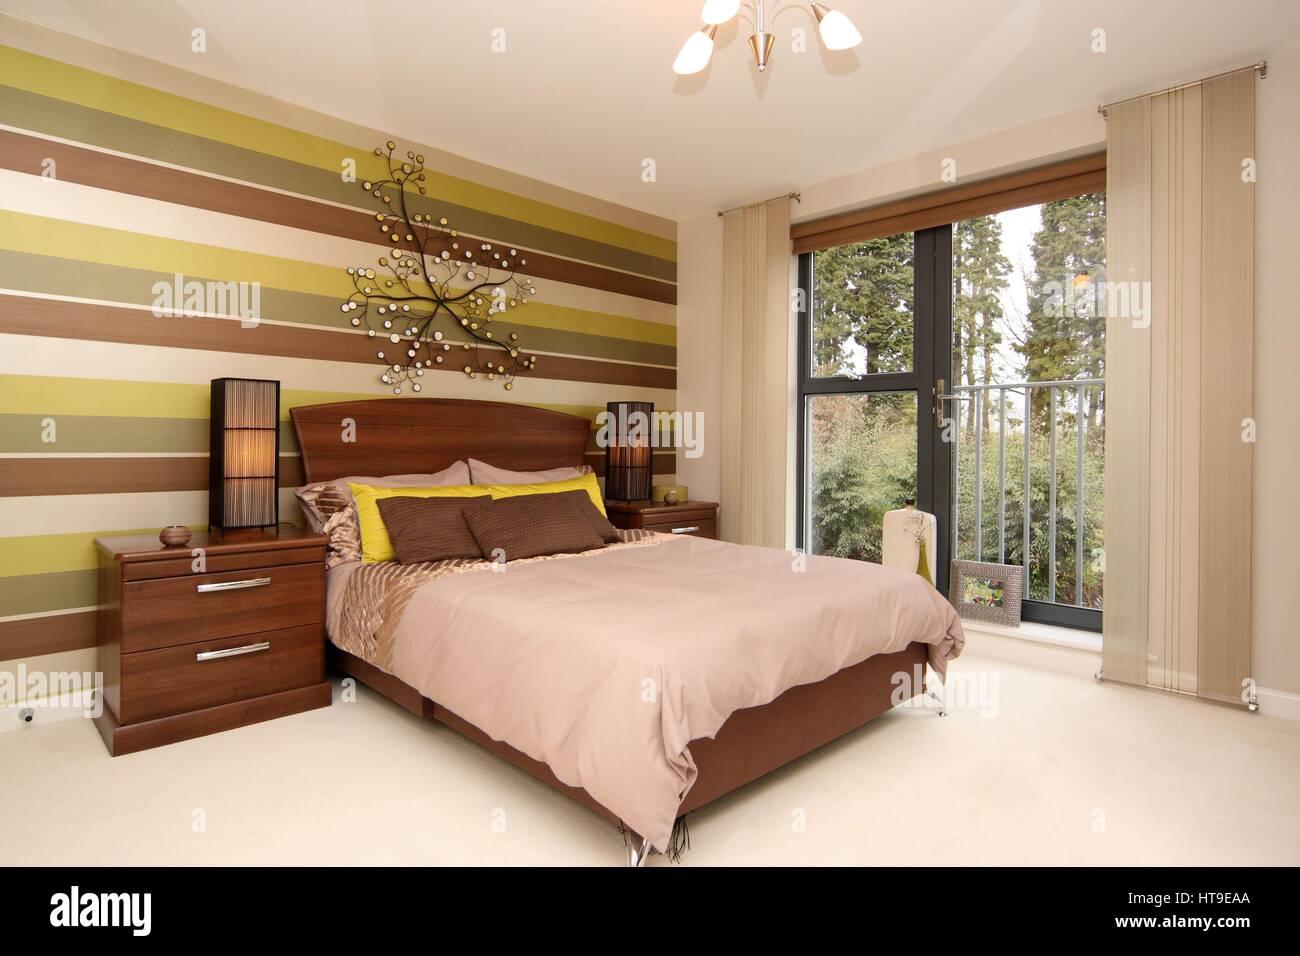 Eigenschaftswand, Wohngebäude, Schlafzimmer, Zimmer Mit Aussicht, Balkon  Der Julia, Dekor, Gelb Braun,